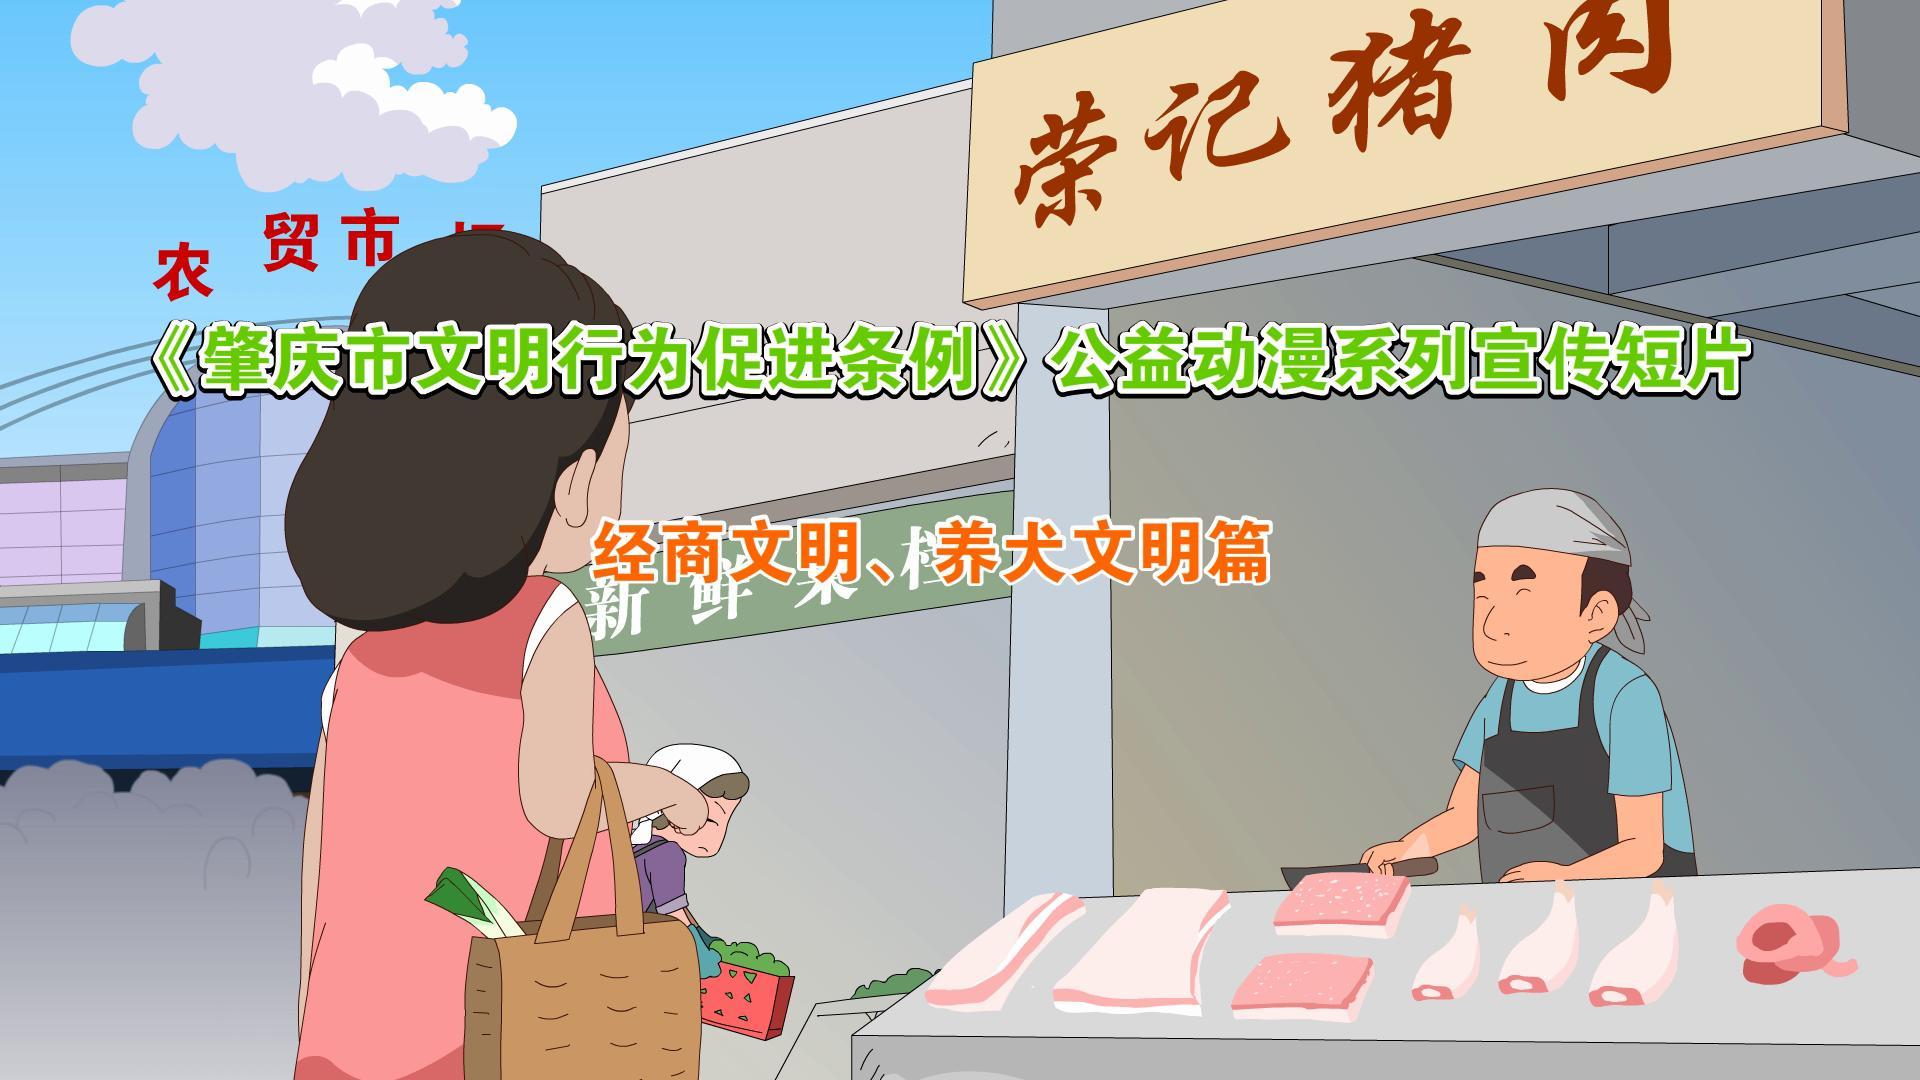 《肇庆市文明行为促进条例》公益动漫系列宣传短片——经商文明、养犬文明篇